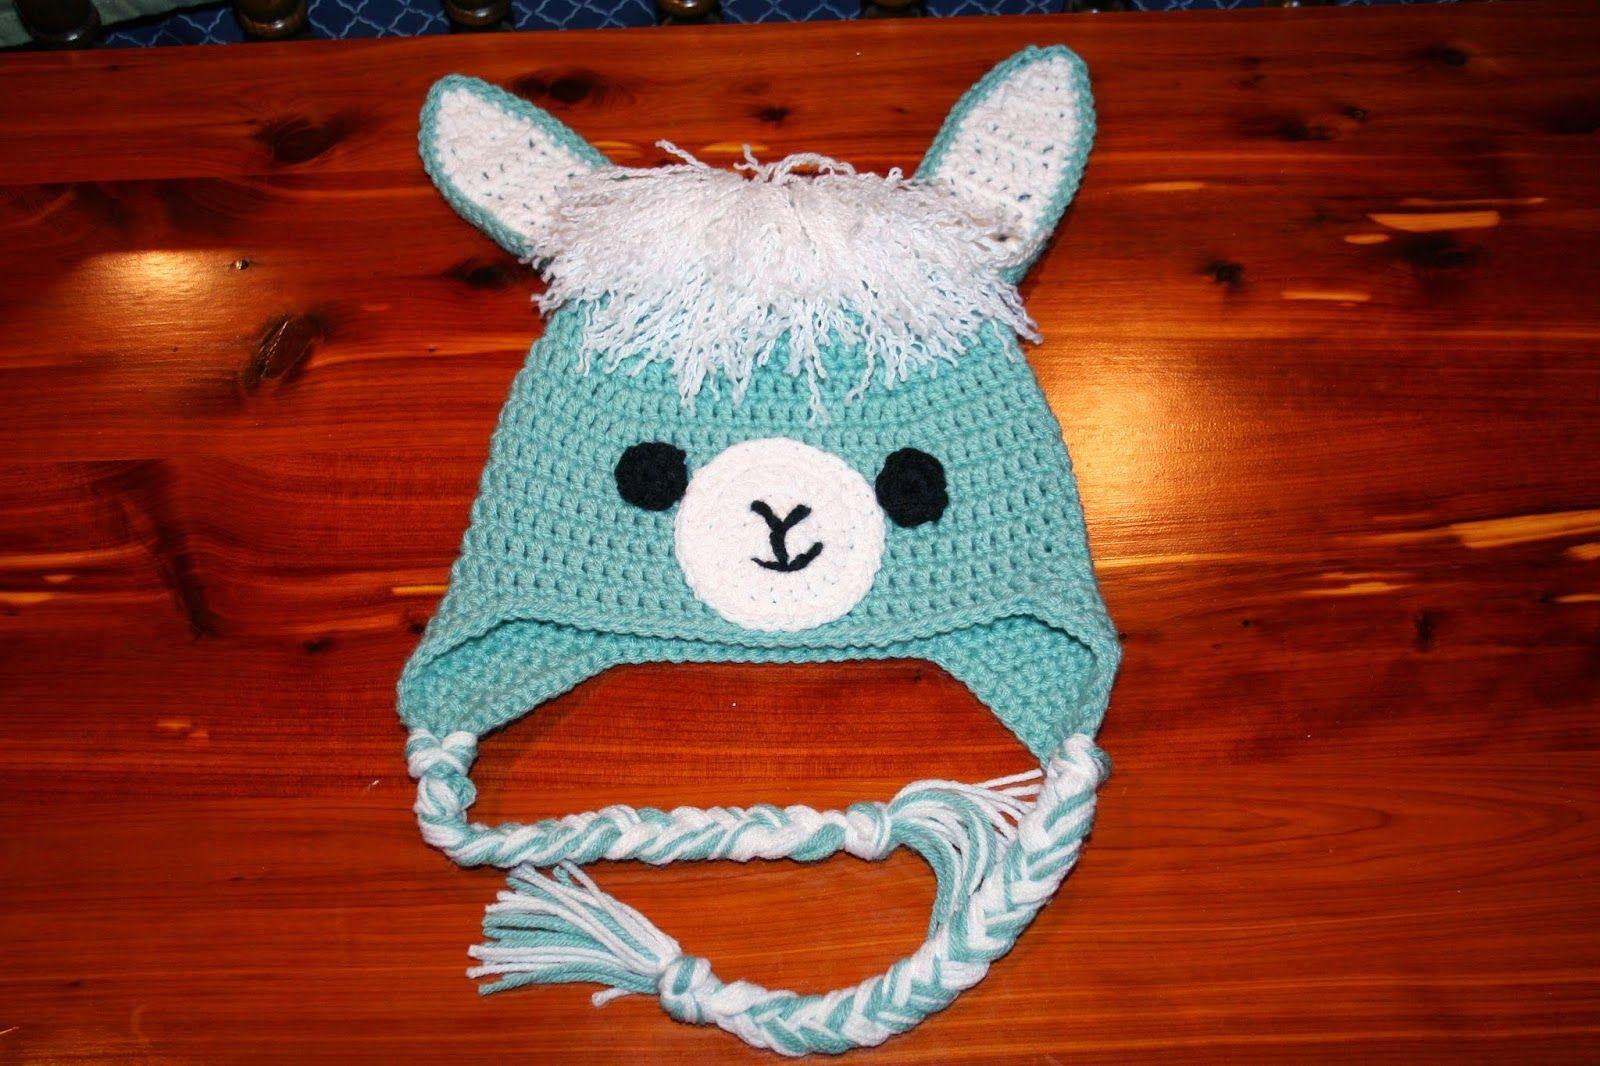 Alpaca Amigurumi Patron Gratis : The crafty flutist llama alpaca hat free crochet pattern